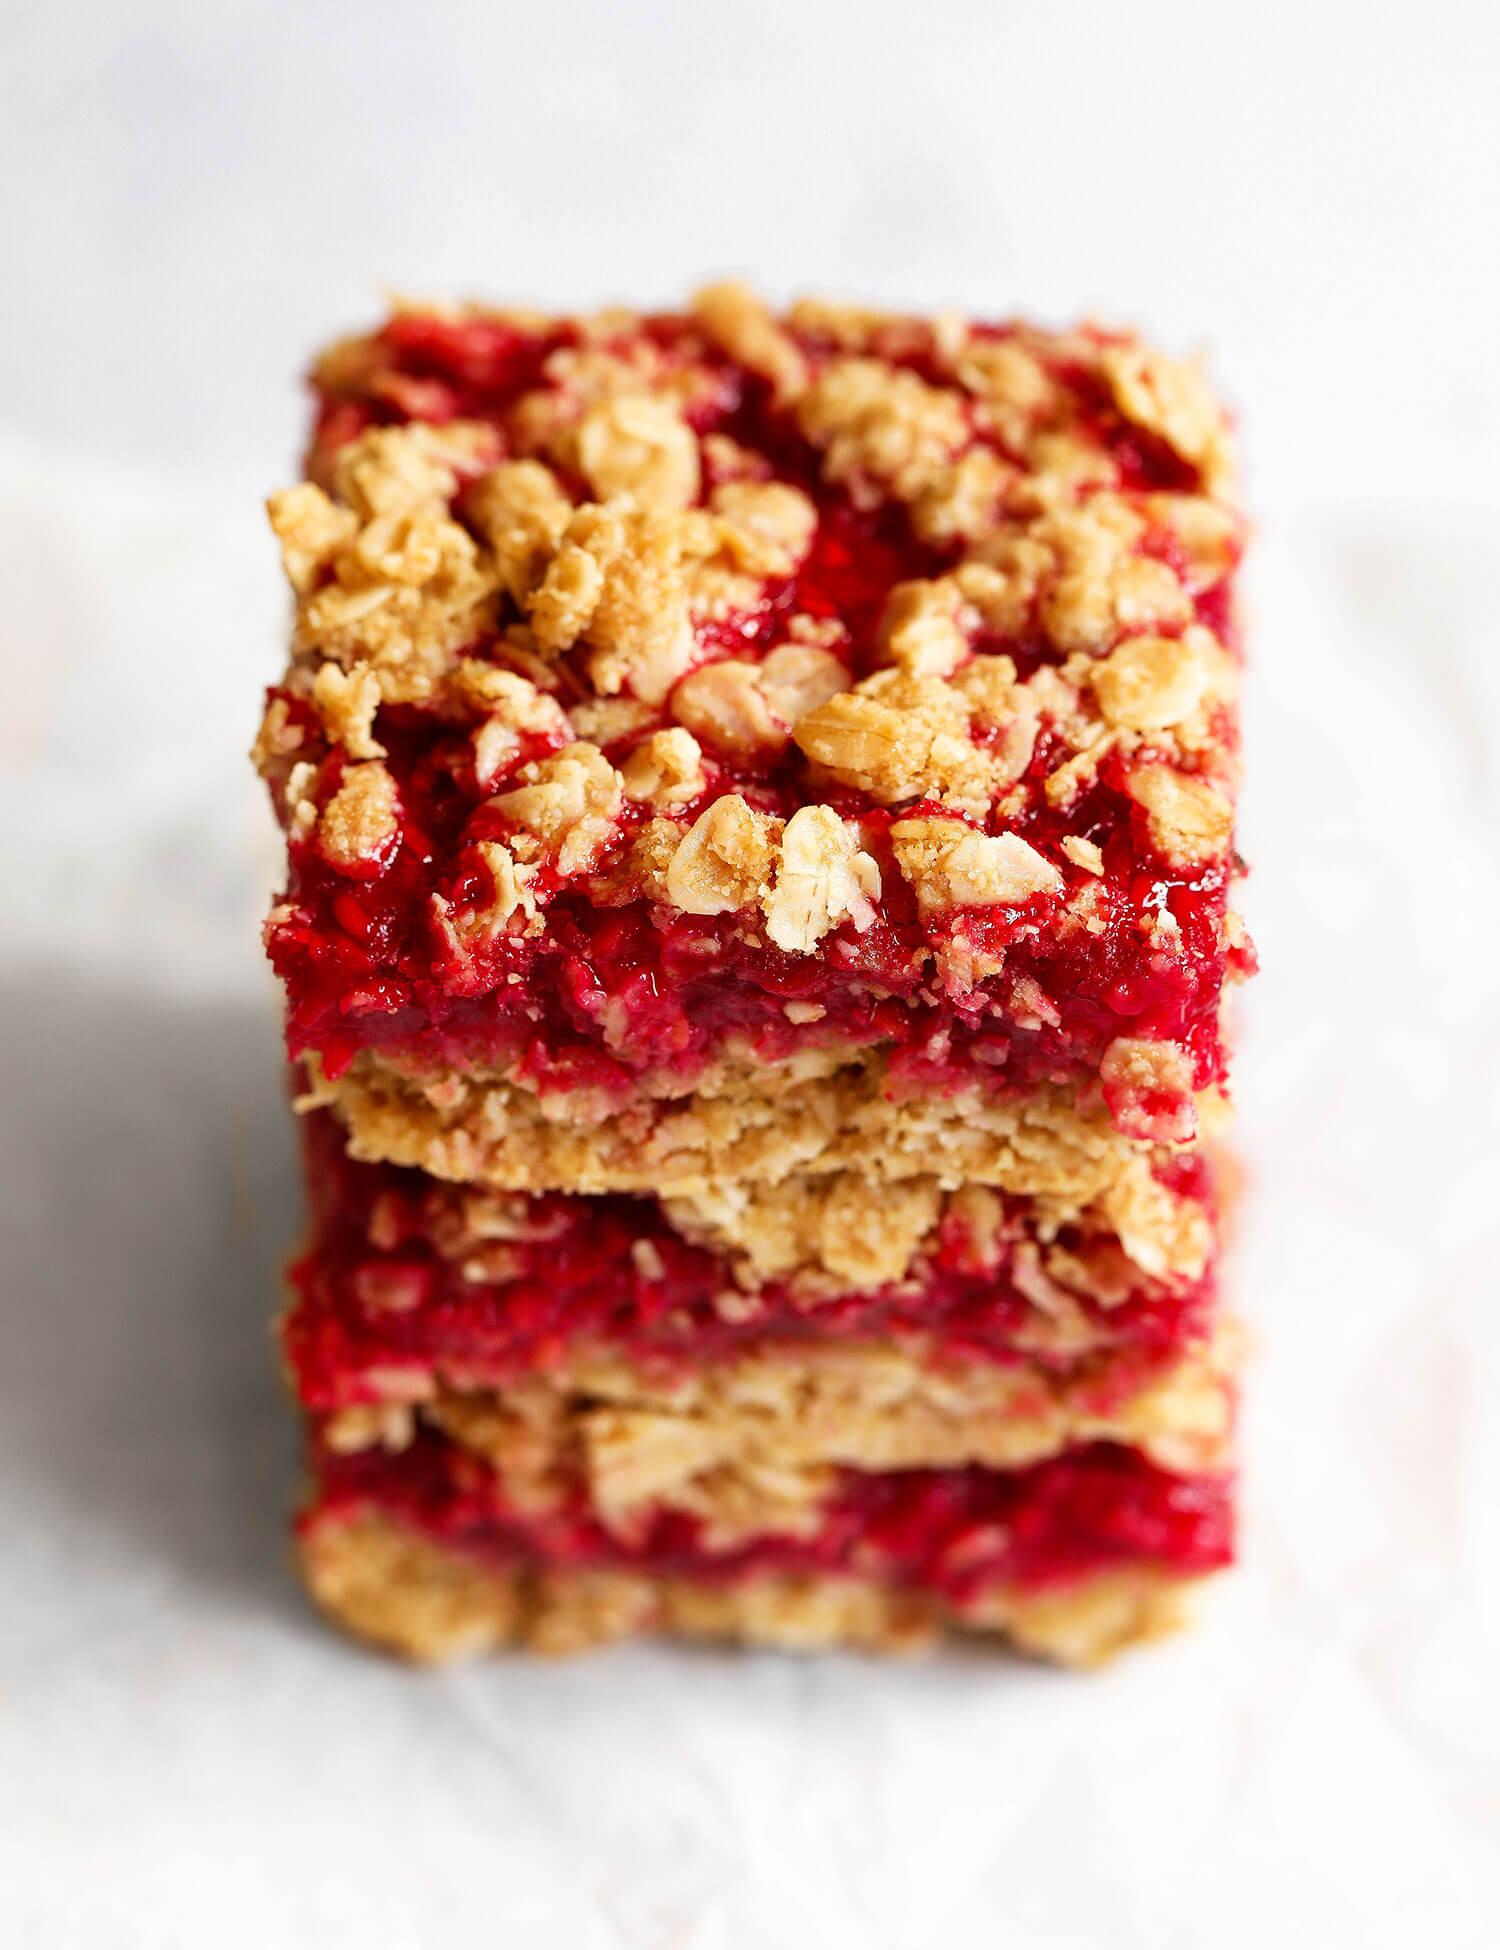 Vegan Gluten-free Raspberry Oat Bars